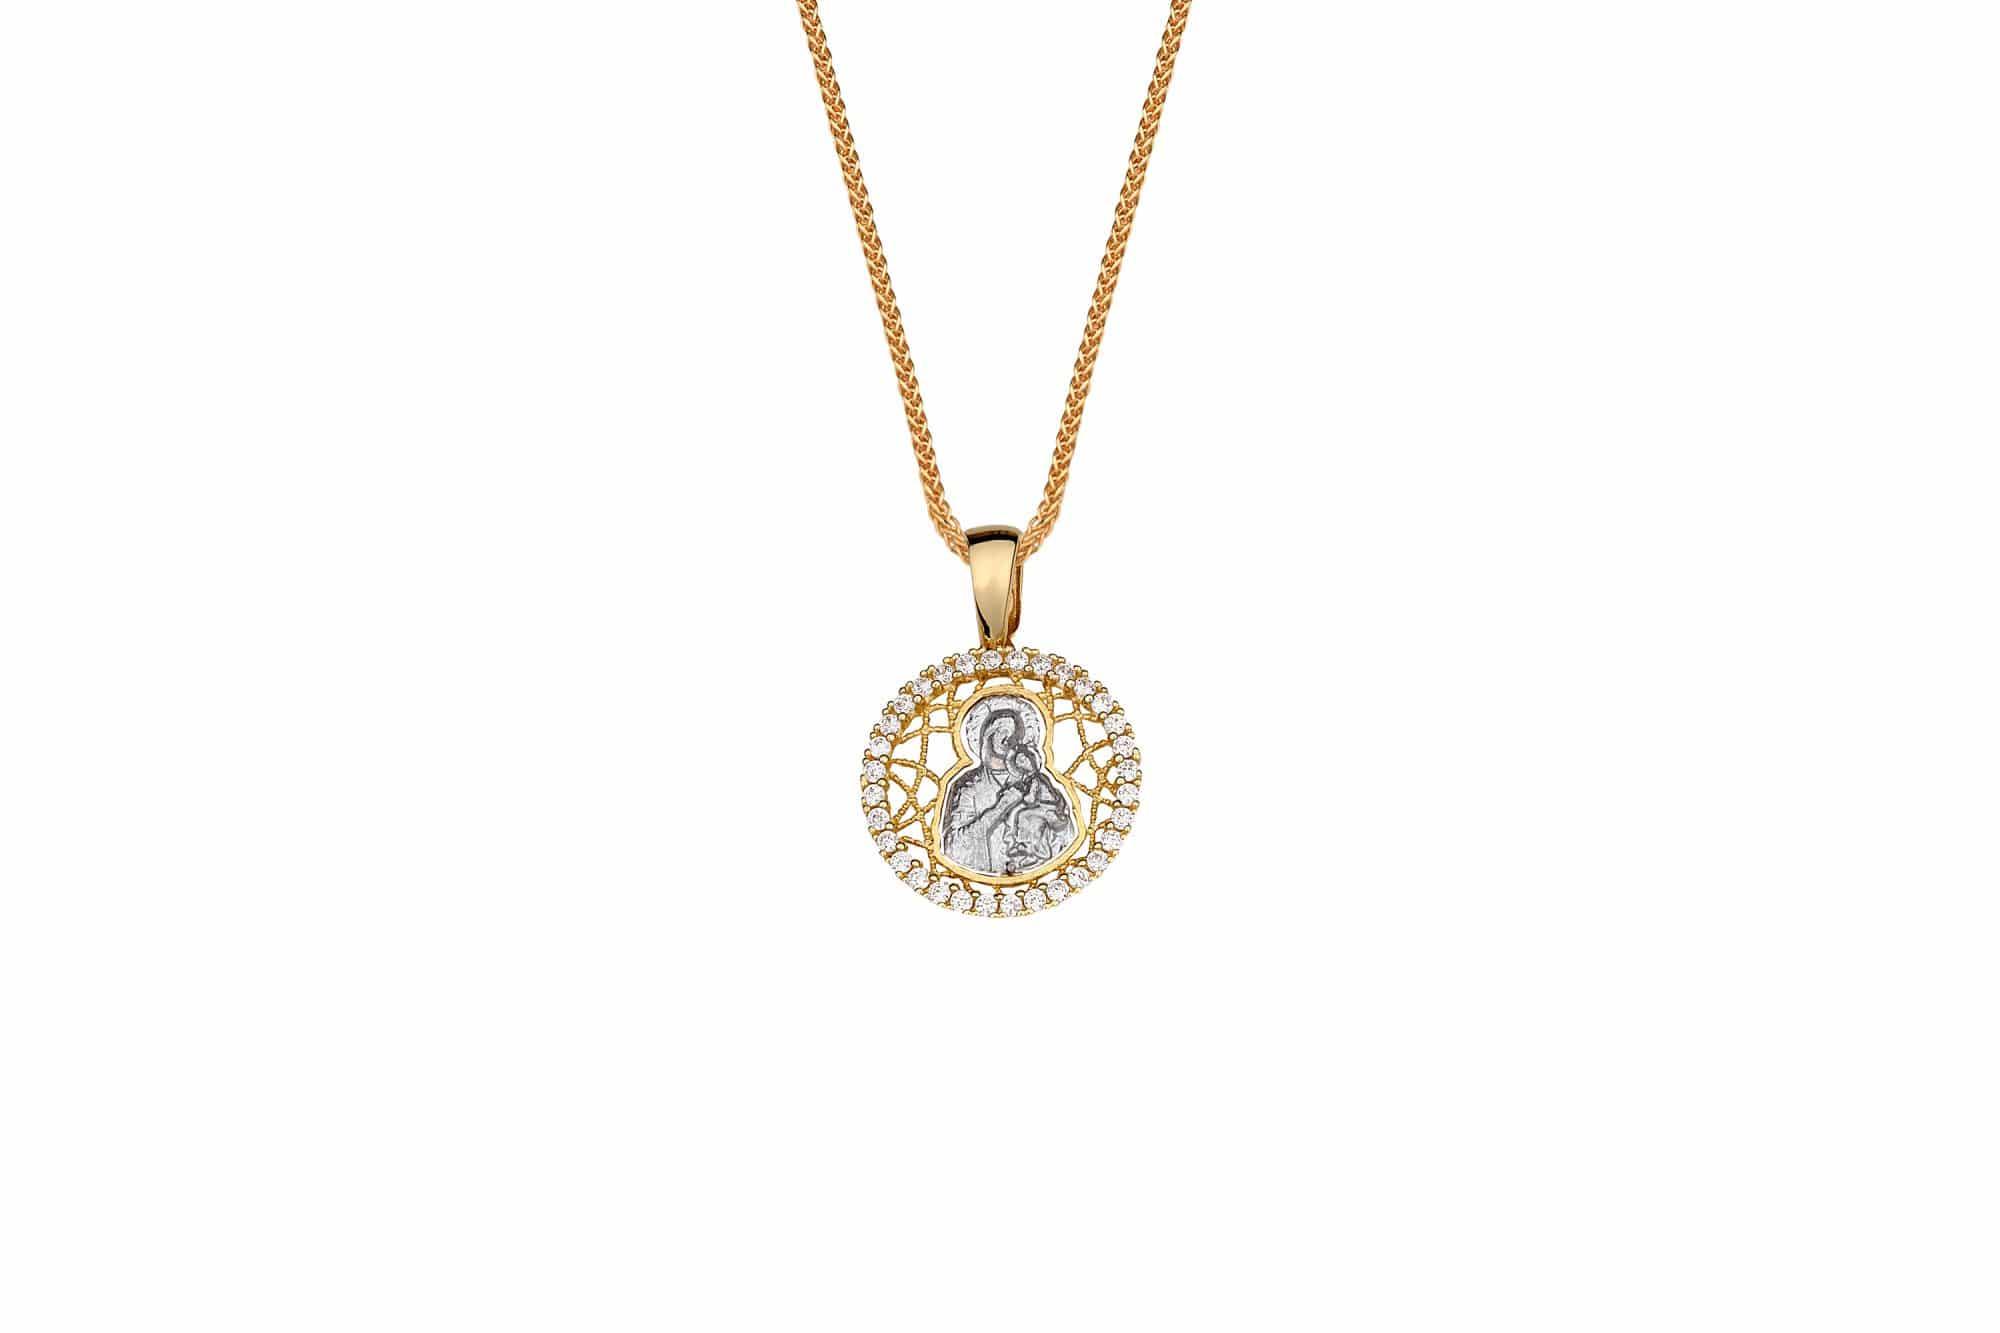 Φυλαχτό Παναγία Με Ζιργκόν Χρυσός – Jewelor 015a088be89